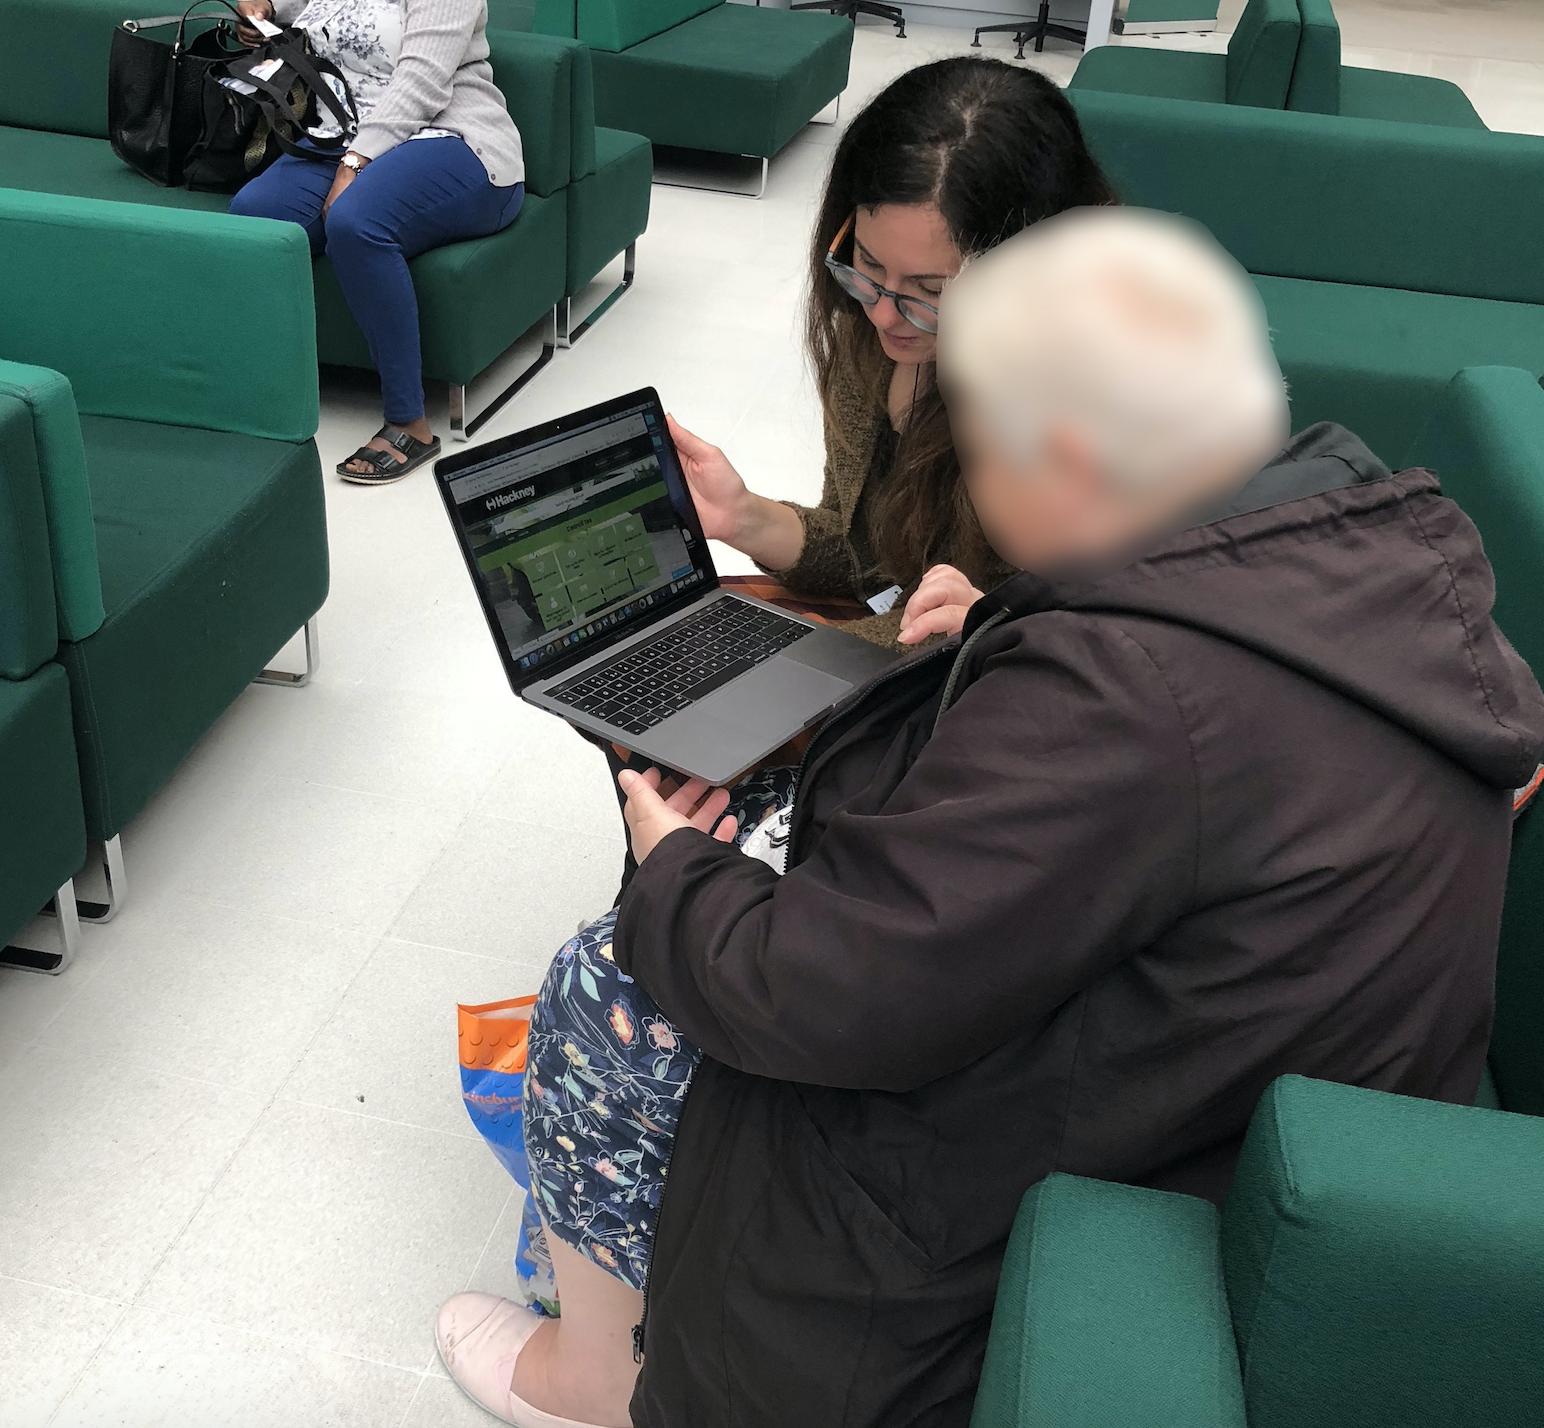 User testing at Hackney Council